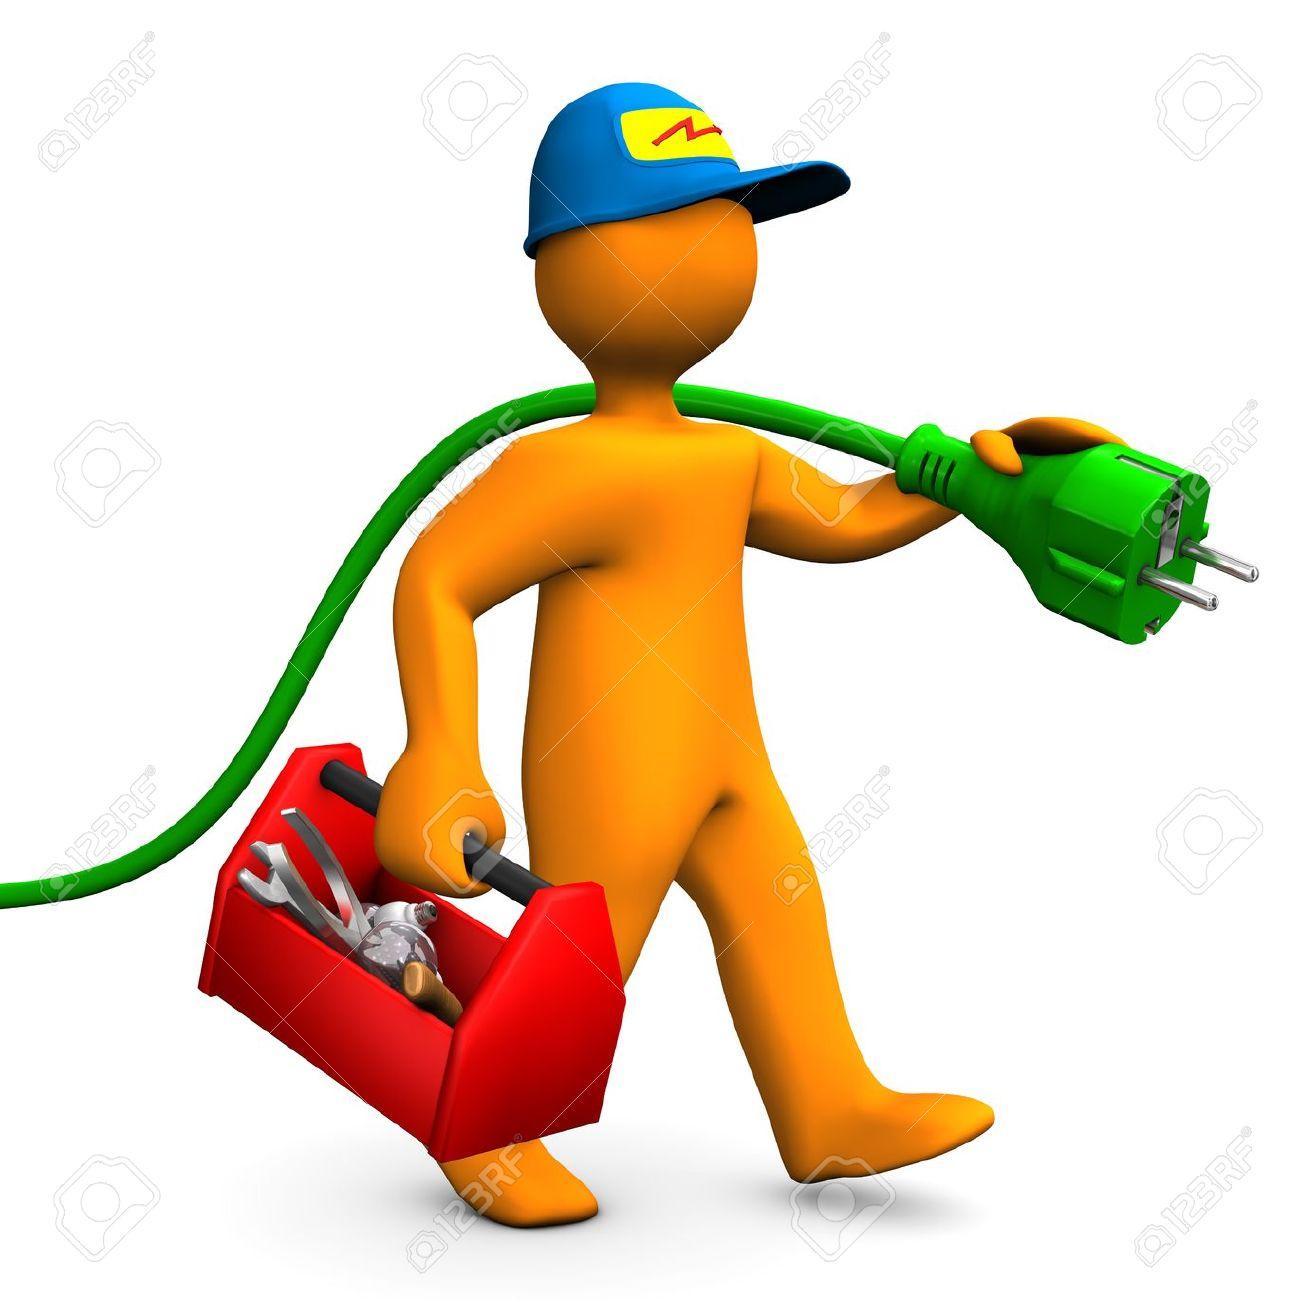 Electrical First Aid (EFA)